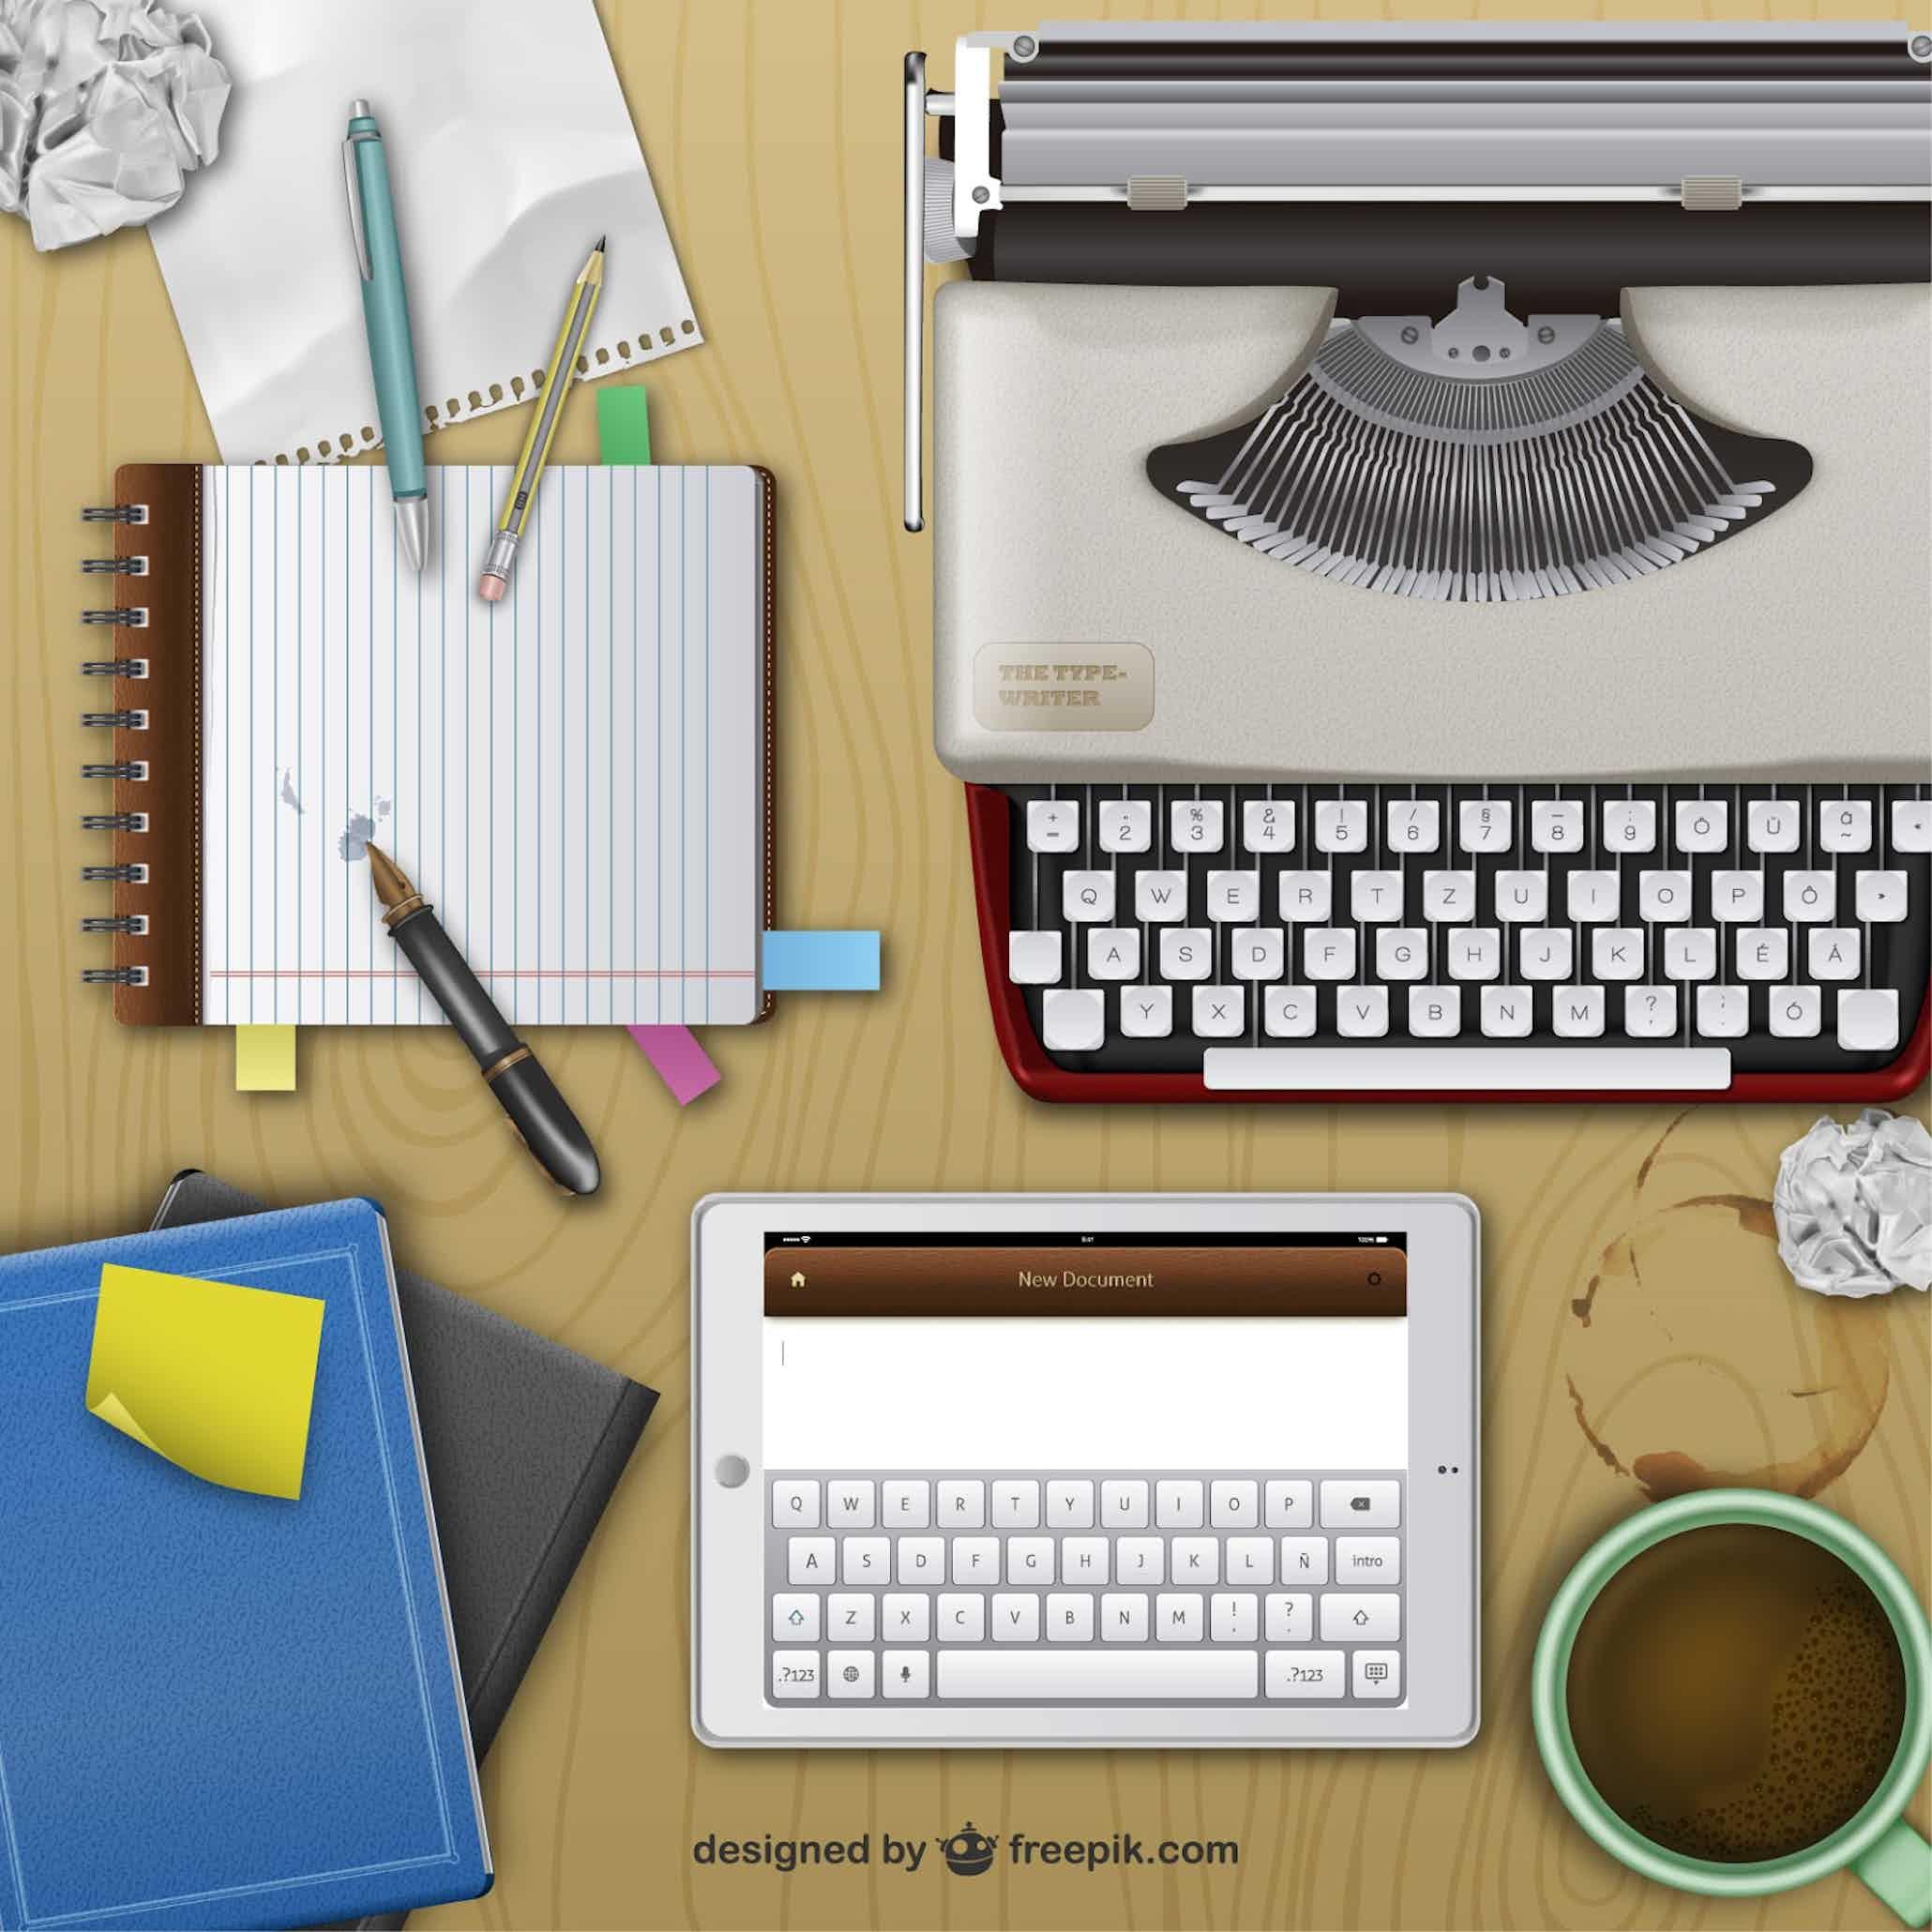 چگونه می توان یک پست وبلاگ با کیفیت بسیار سریع نوشت (و در این مرحله سالم باشید)